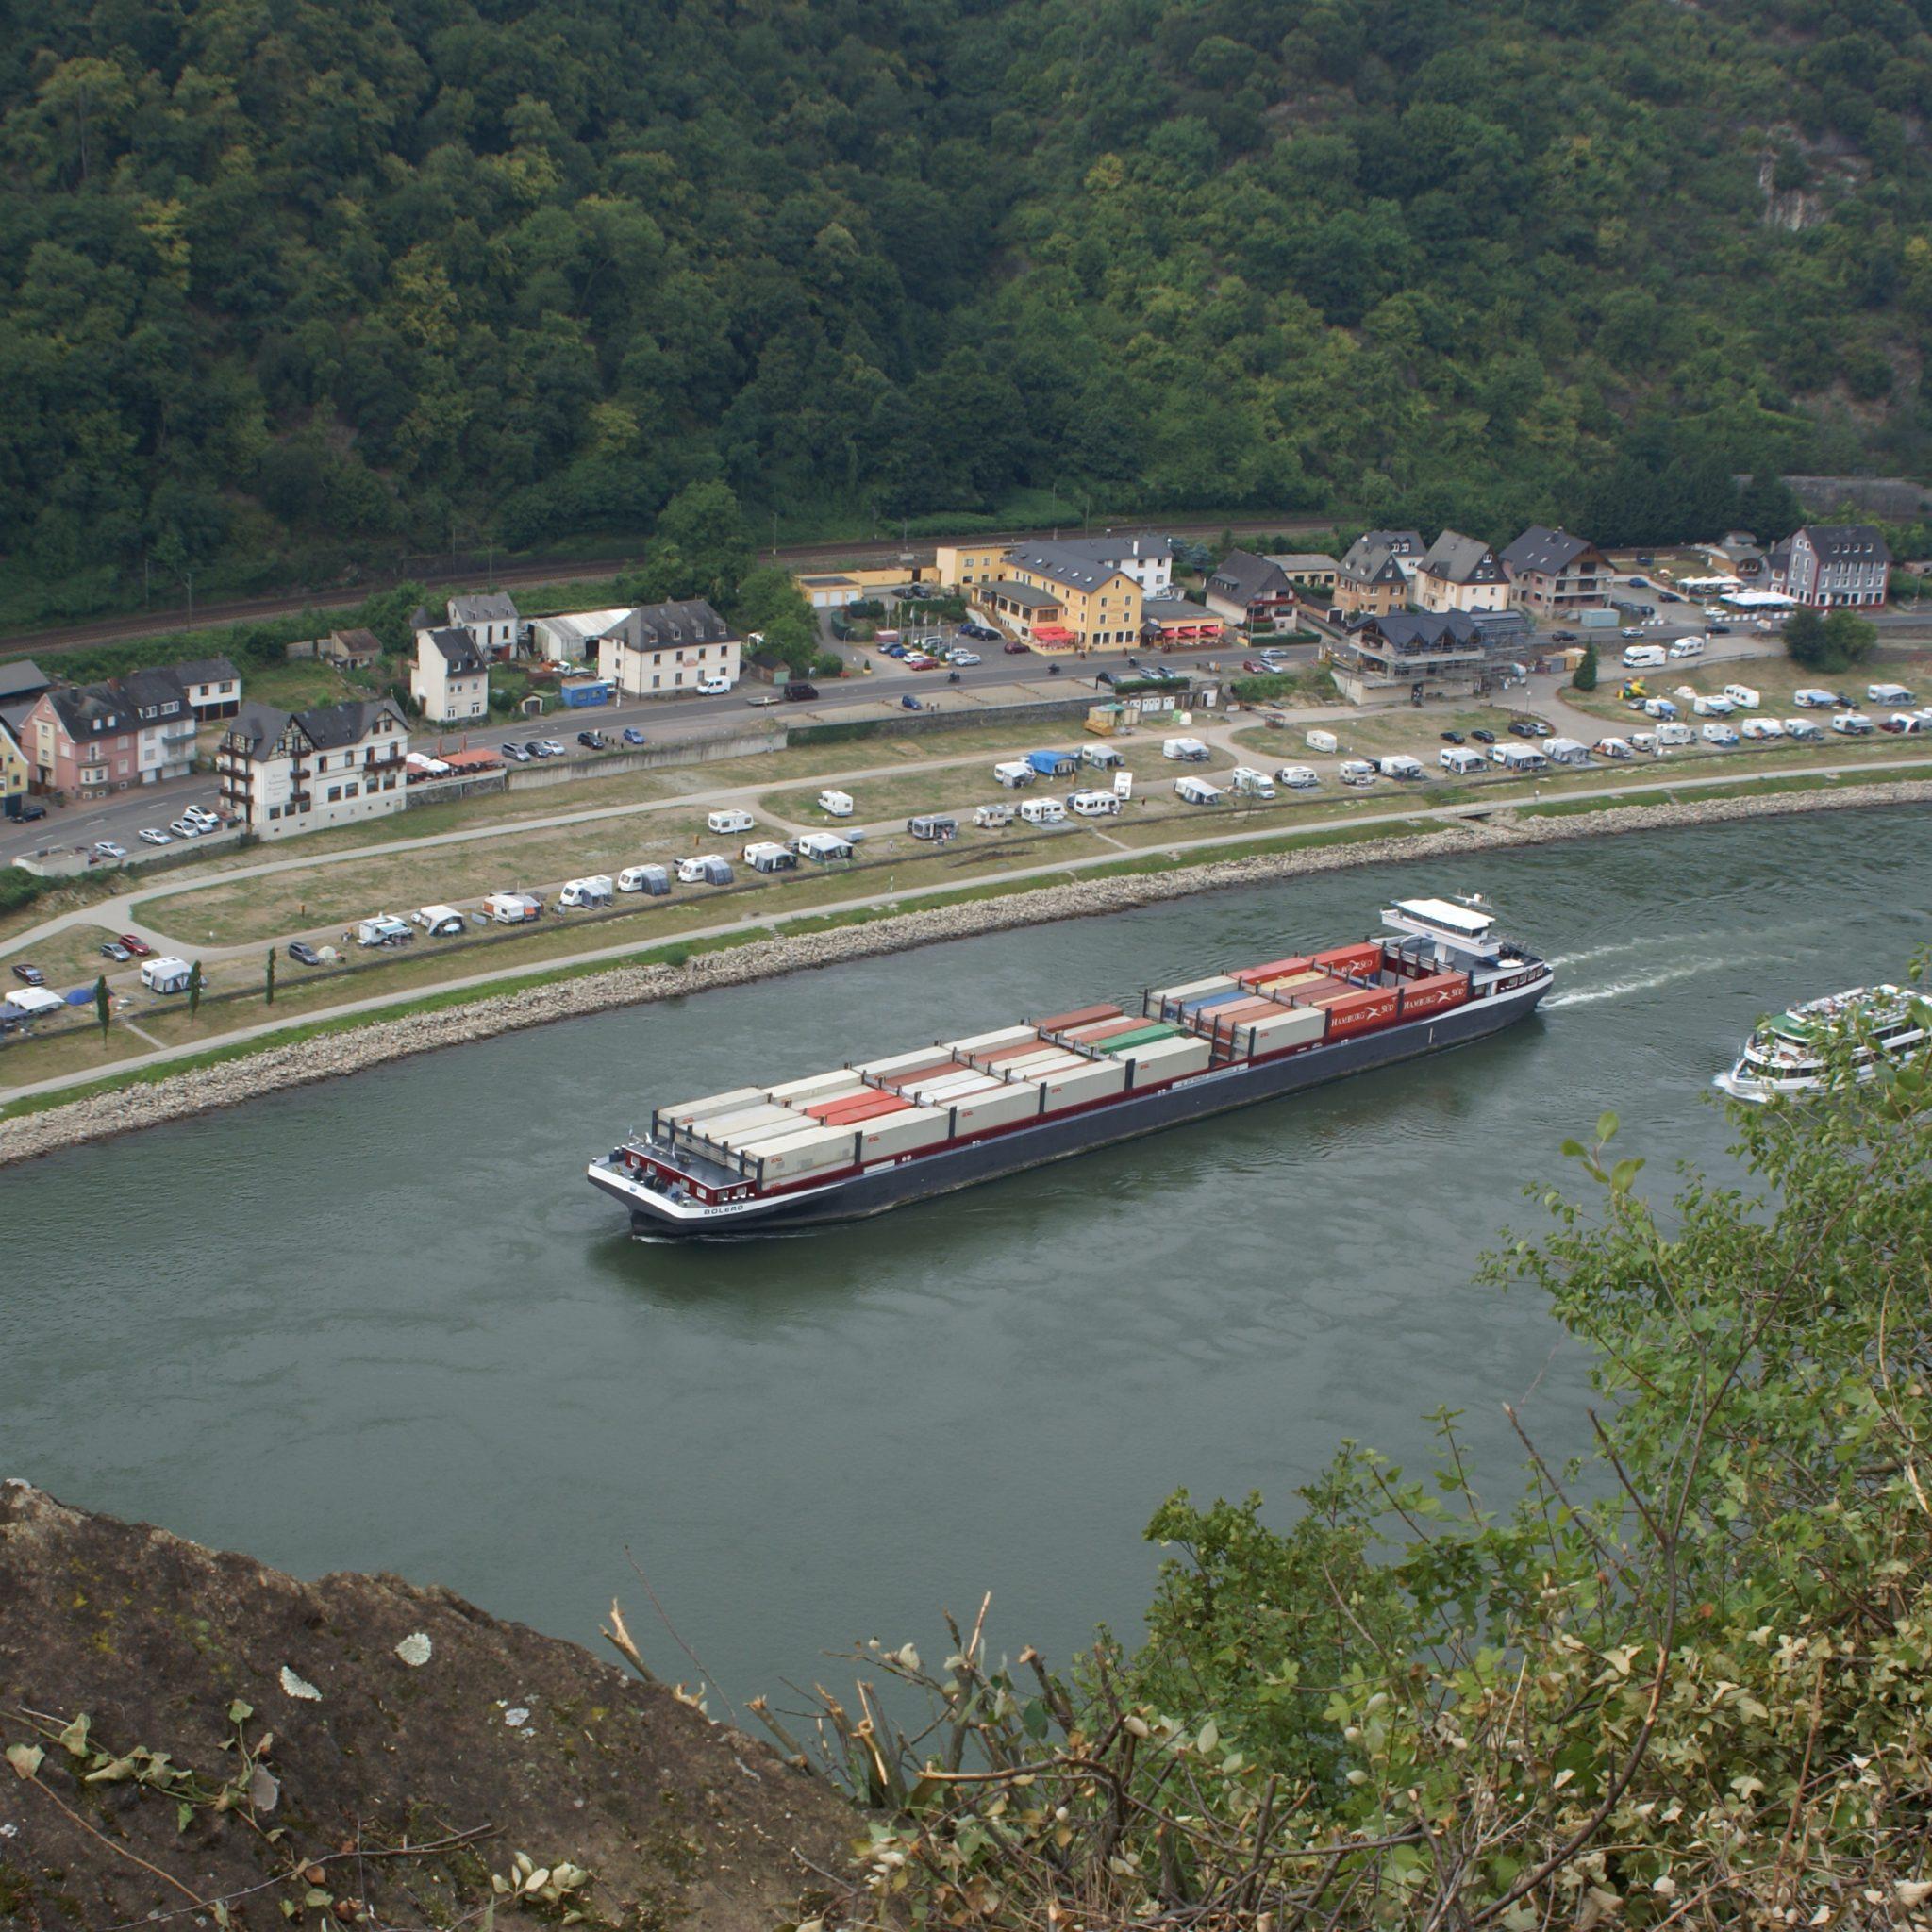 Meer binnenvaartschepen zullen Lorelei gaan passeren door problemen op het spoor (Foto: Nieuwsblad Transport)